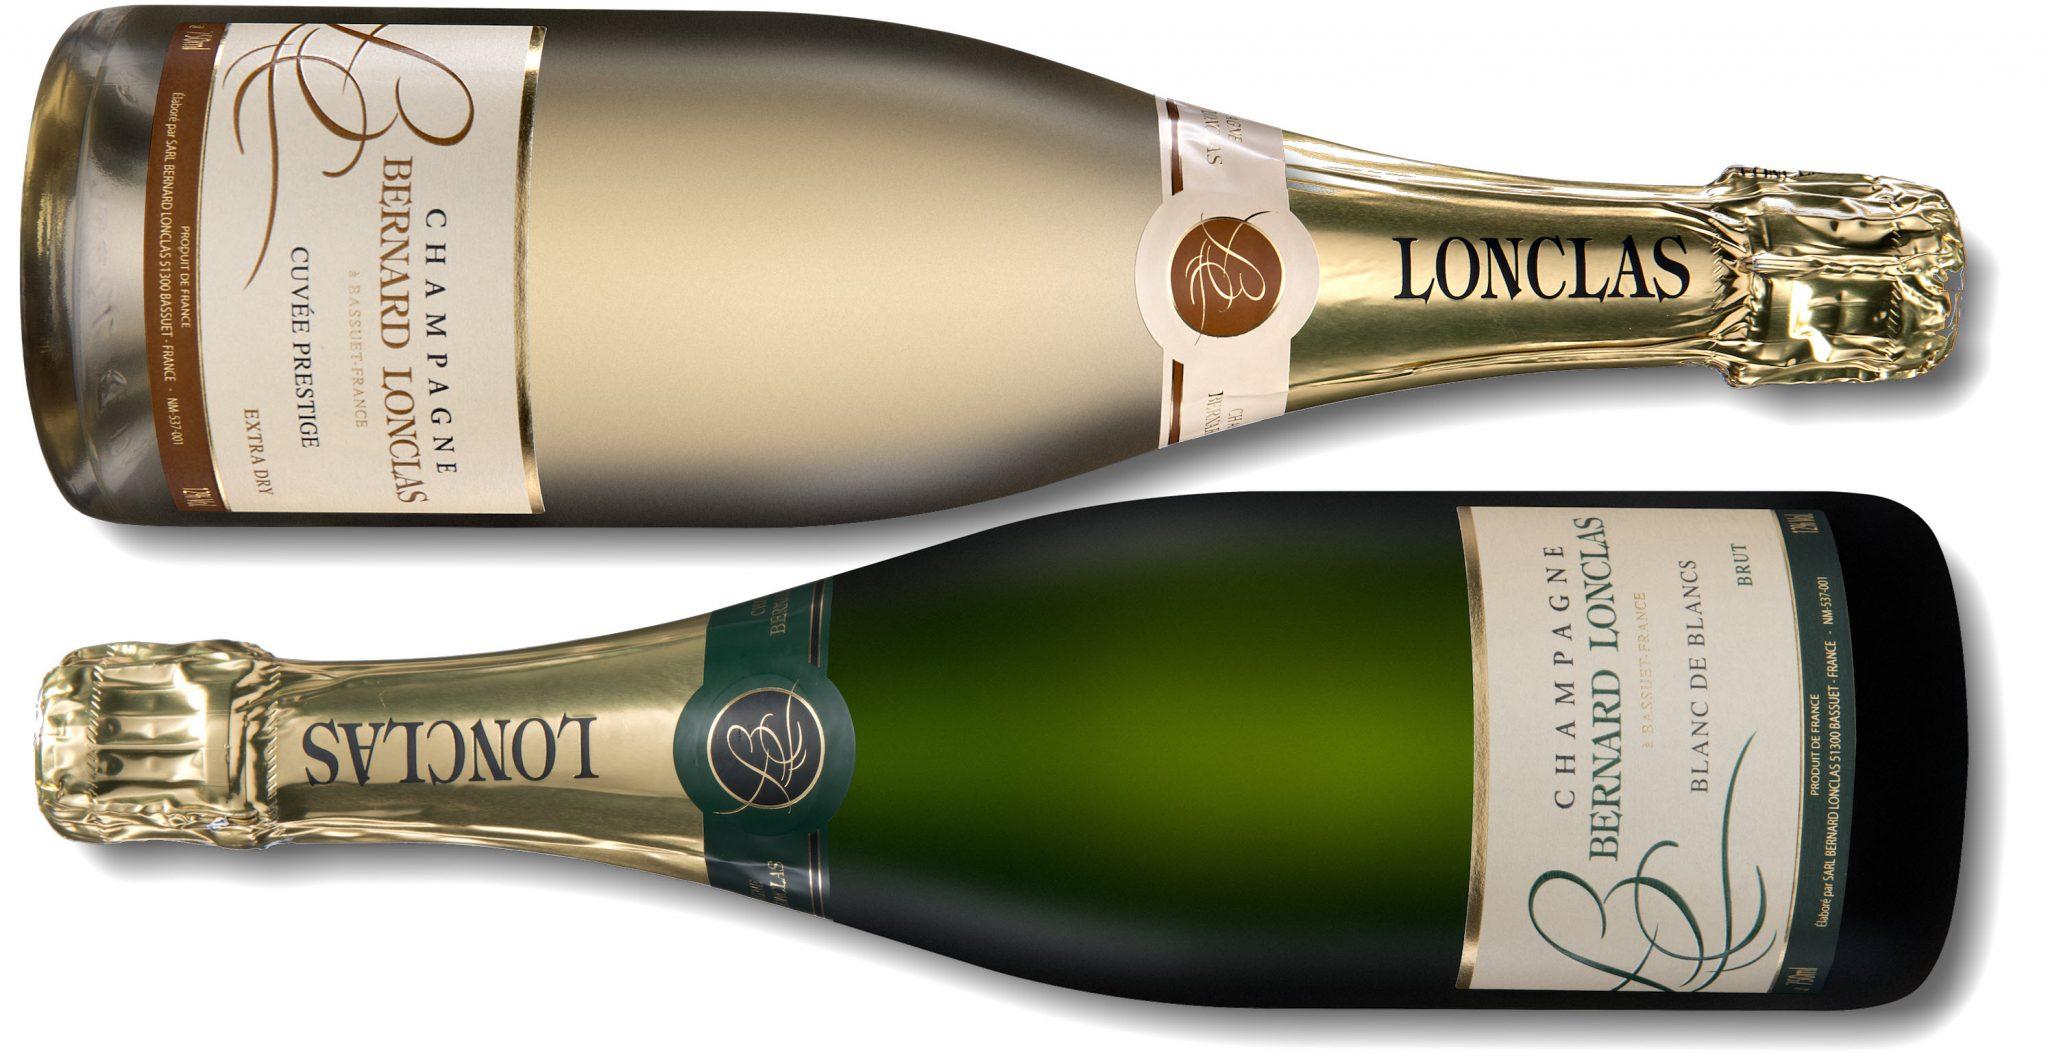 Champagne Bernard Lonclas Brut Reserve Blanc de Blancs